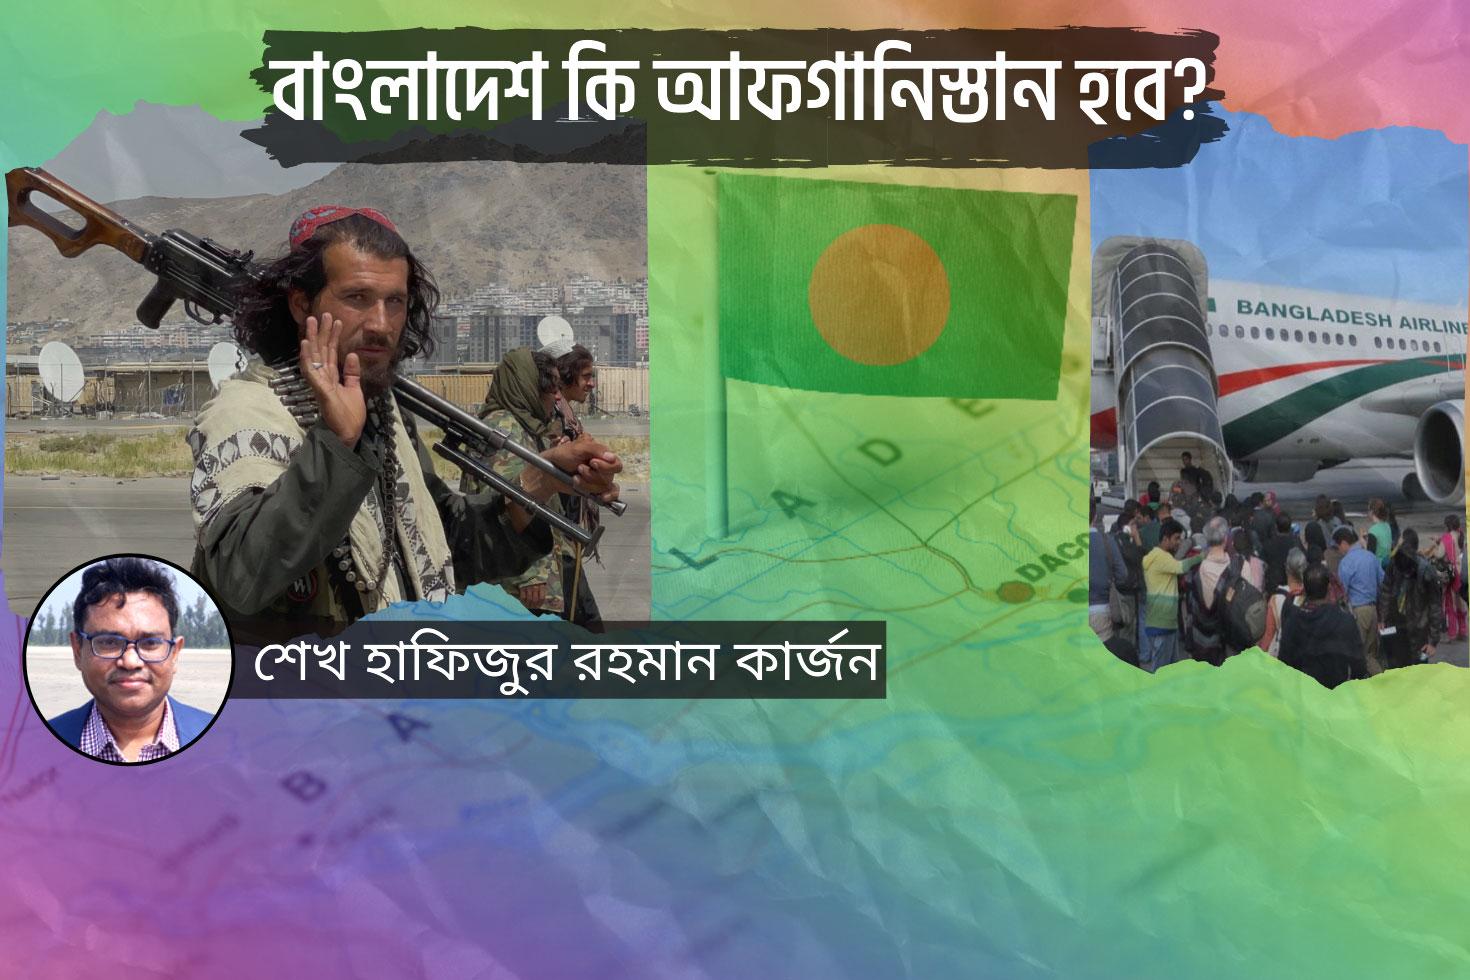 বাংলাদেশ কি আফগানিস্তান হবে?